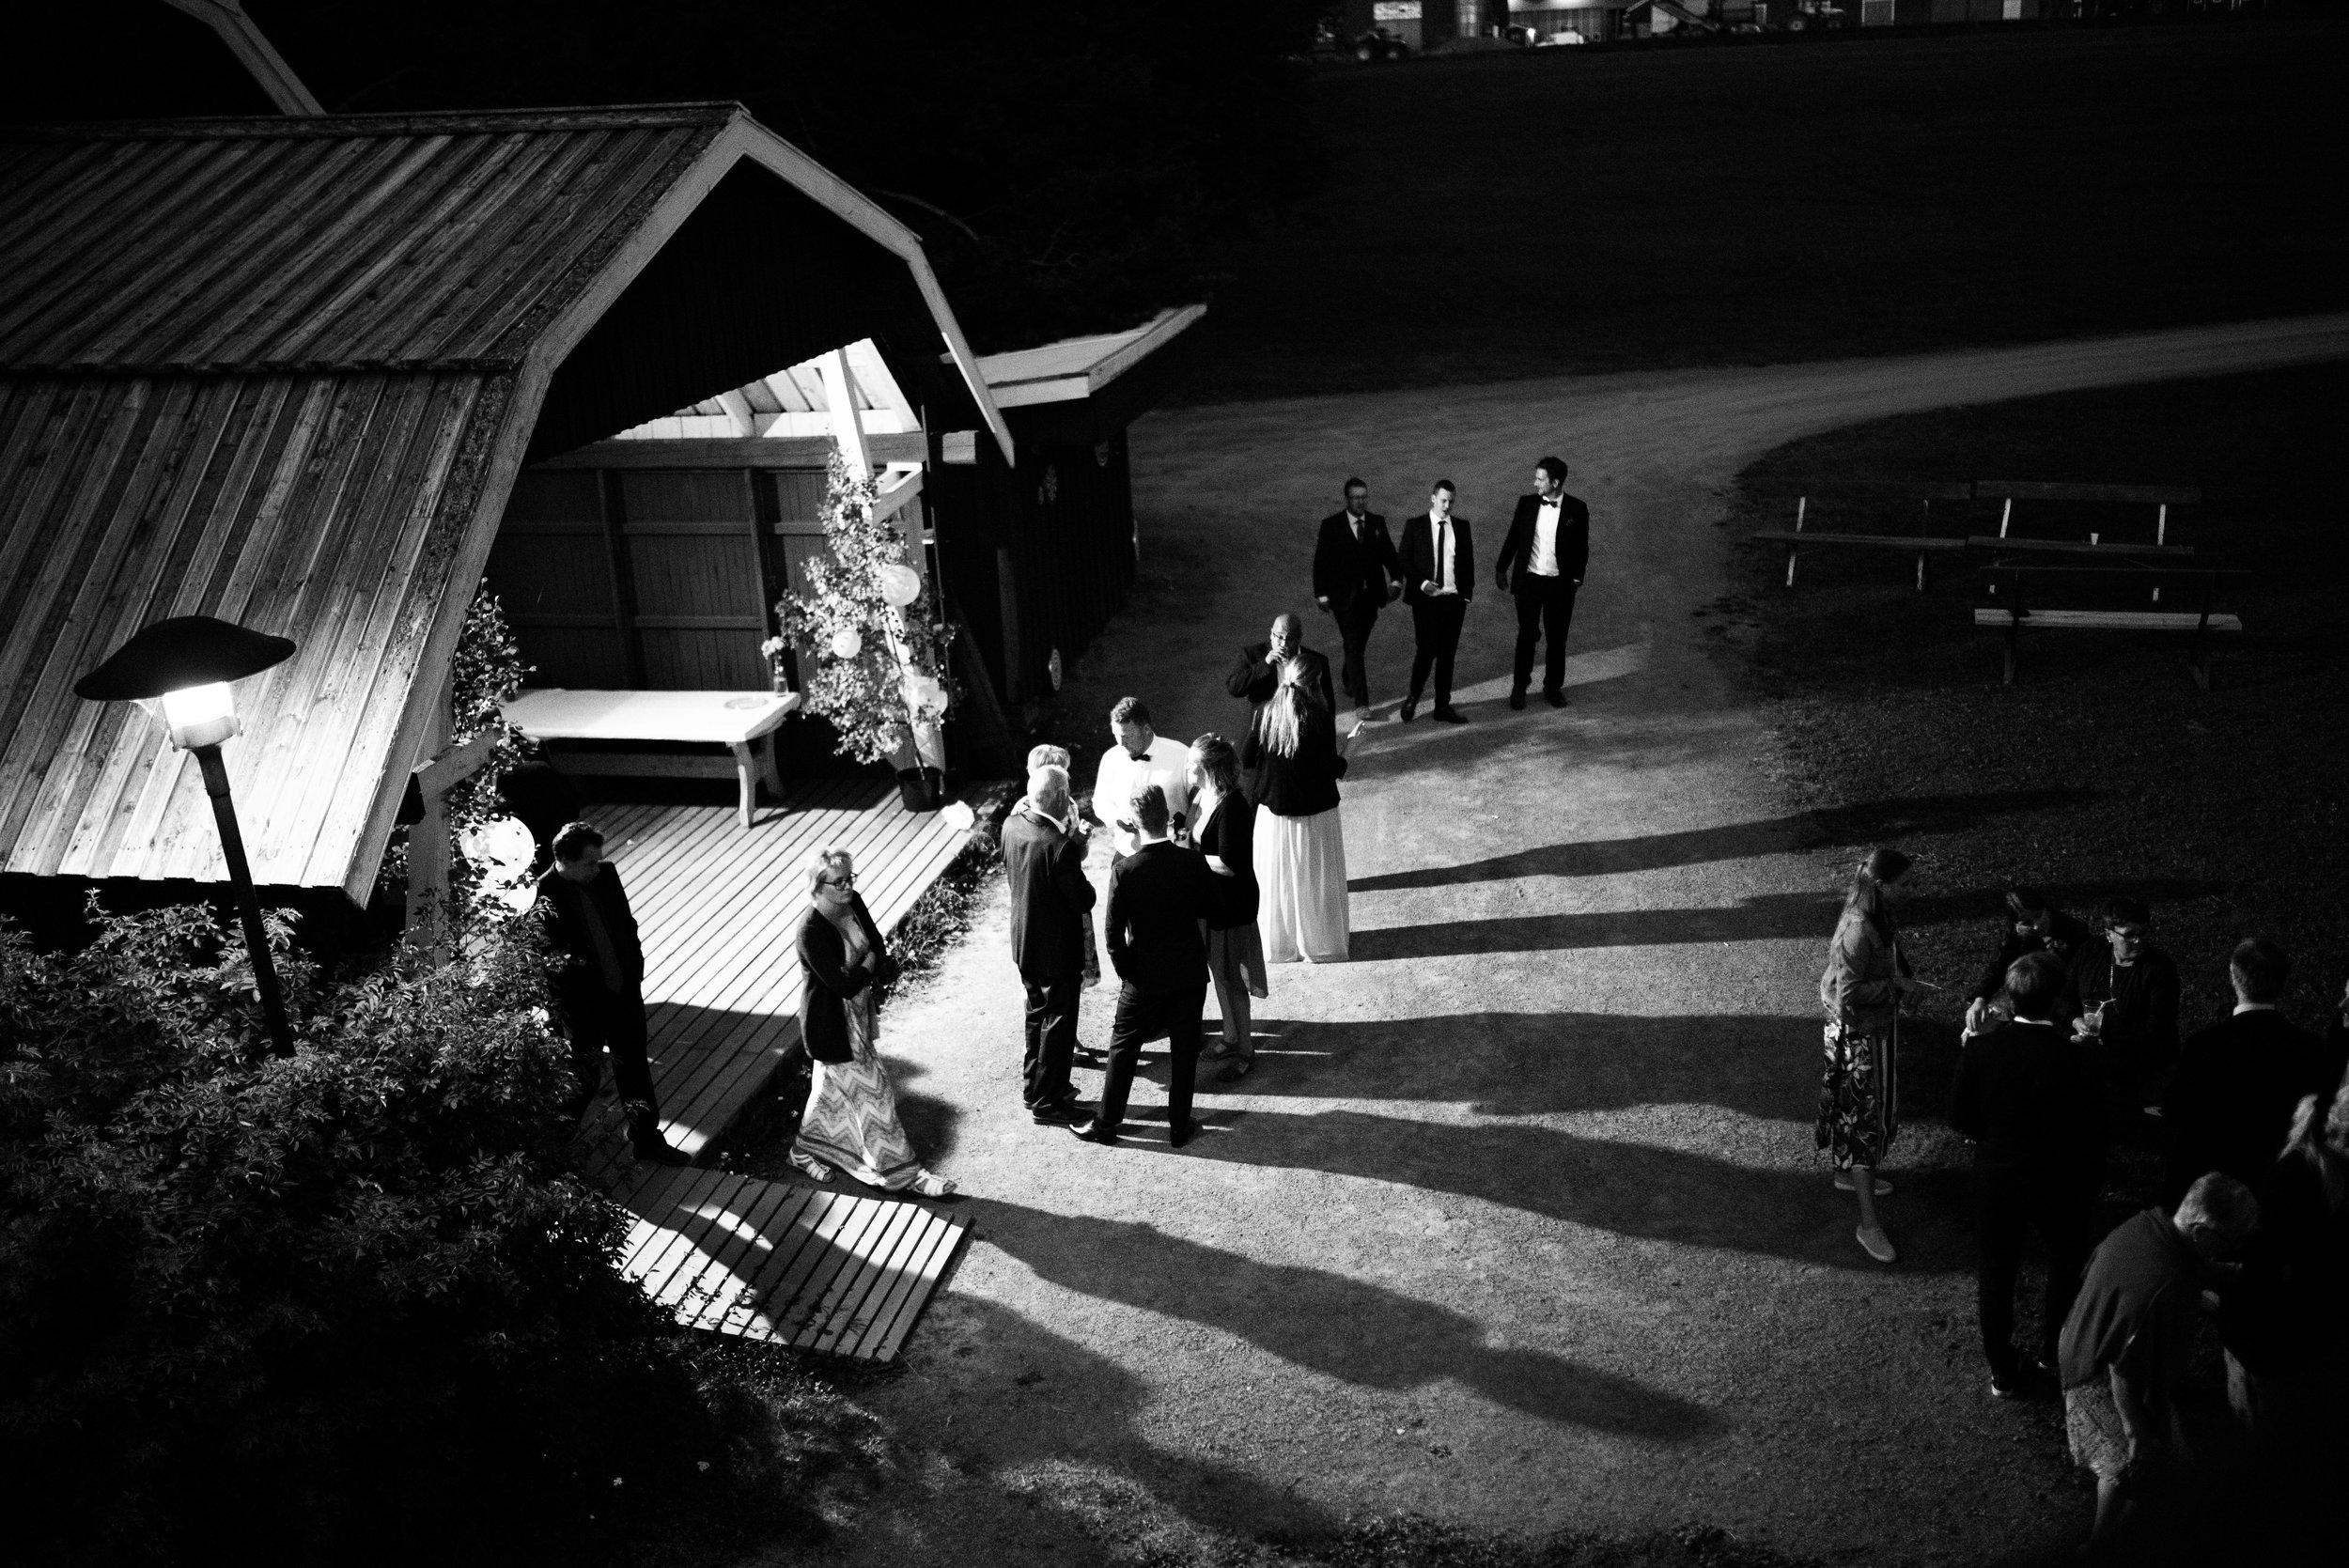 Bröllop2019lågkvall2-6670.jpg